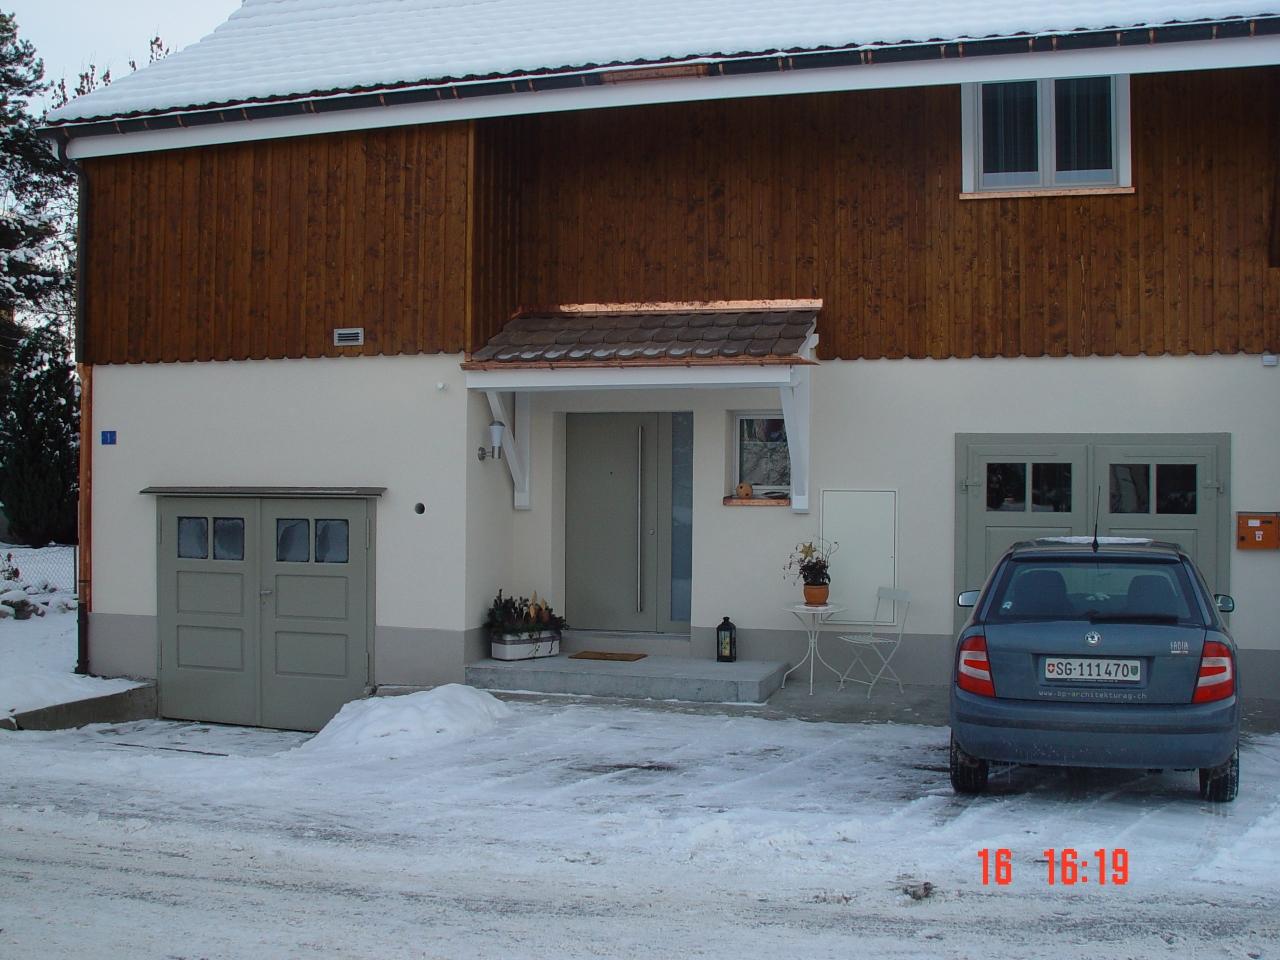 011_02_0924_umbauschwarzenbach